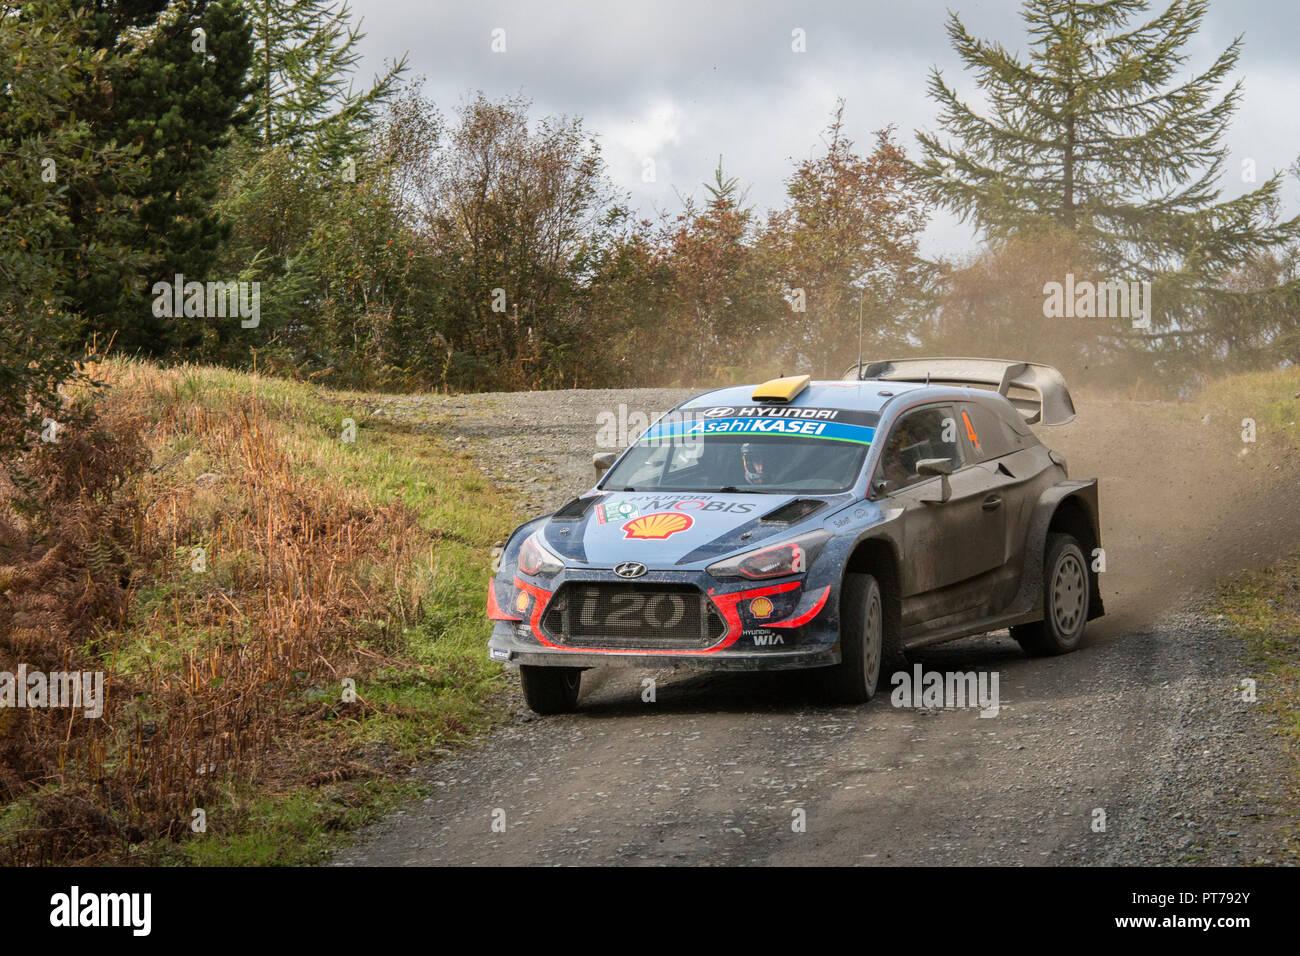 Dyfnant, UK. 6. Oktober 2018. Der Hyundai i20 WRC von Andreas Mikkelsen (Norwegen) mit der Geschwindigkeit auf dem Kies Waldwege, die Stufe 14 des 2018 Wales Rally von Großbritannien, durch den Wald in der Nähe von Dyfnant Welshpool, Powys, Wales Credit: Mike Hillman/Alamy leben Nachrichten Stockbild